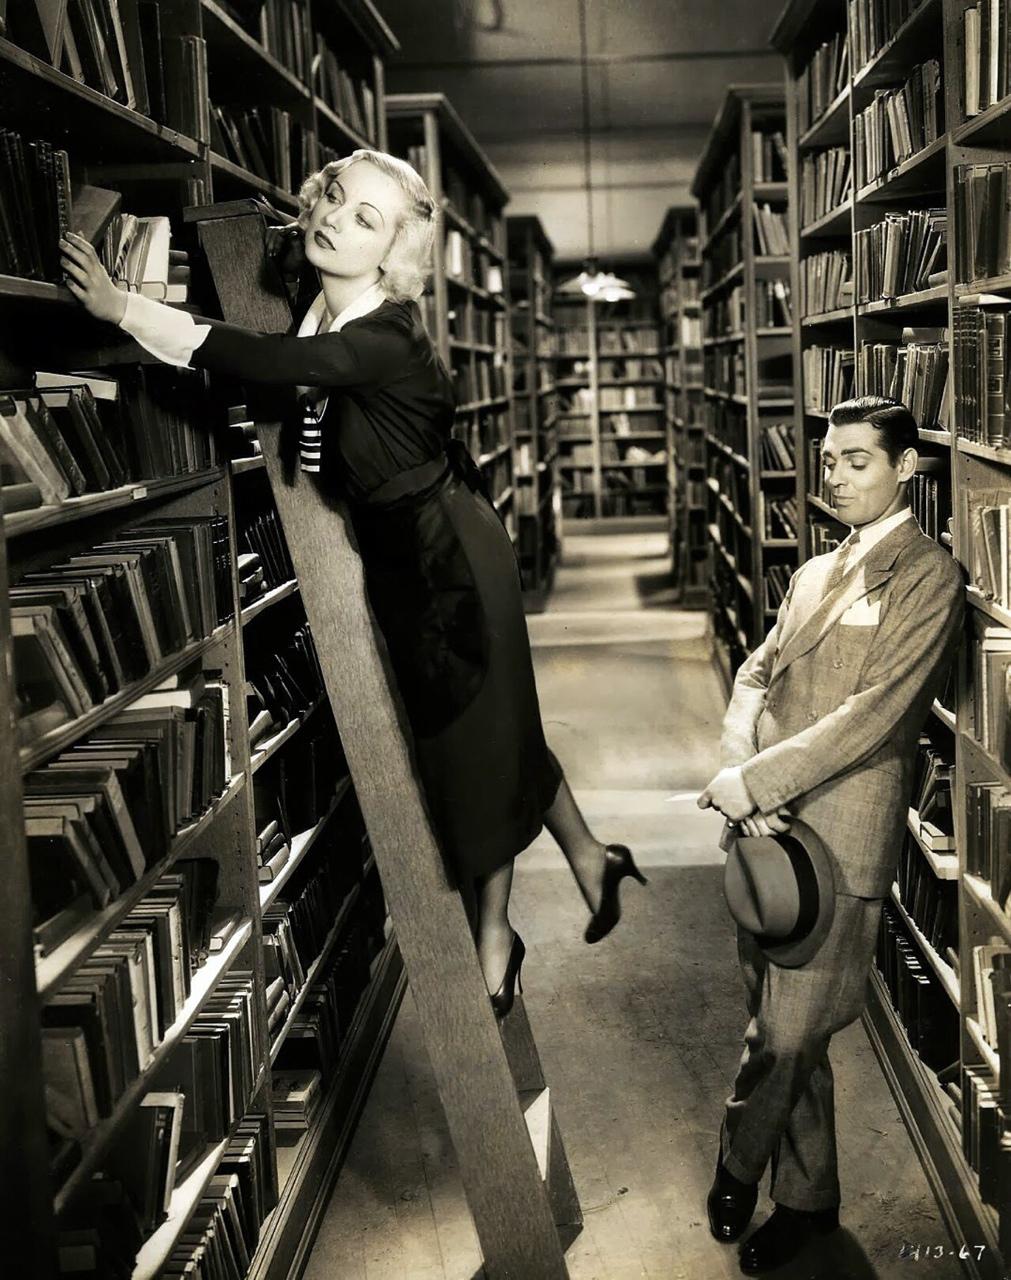 miron en la biblioteca